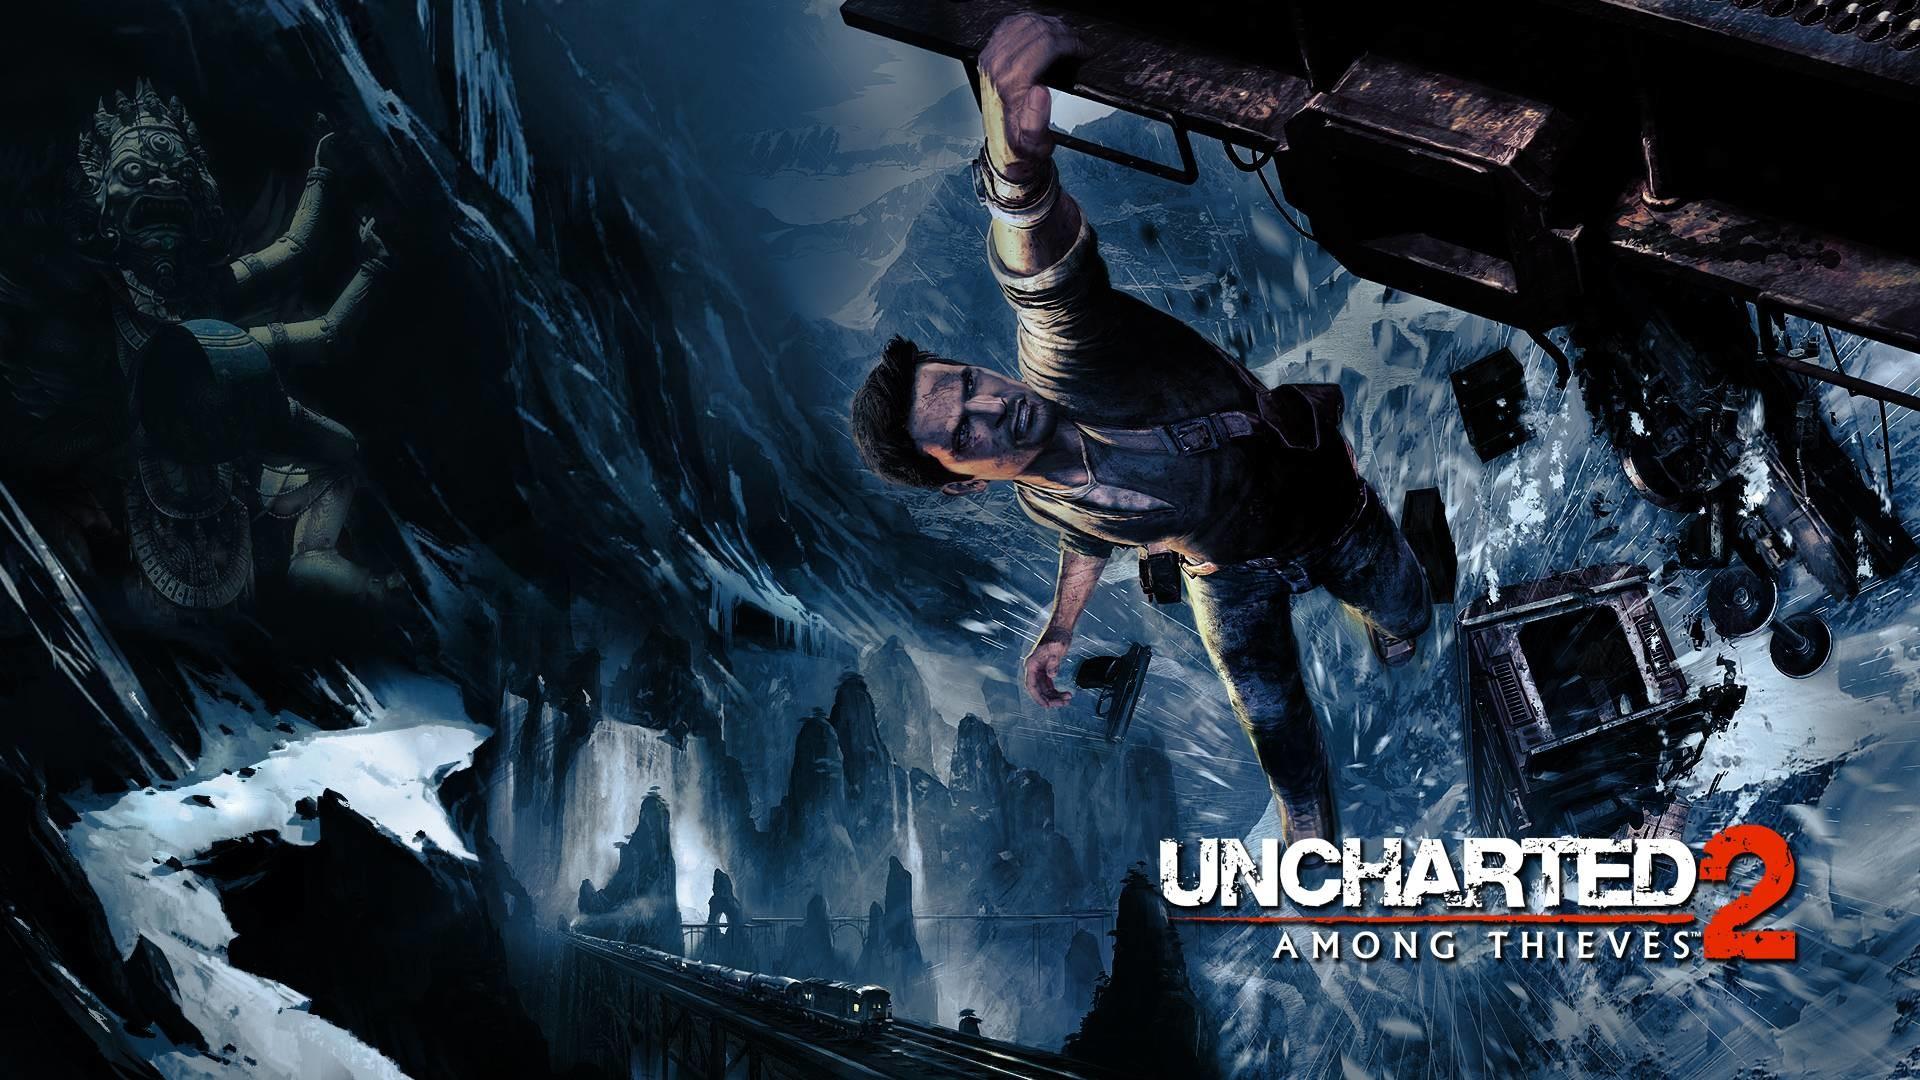 Uncharted wallpaper 55517